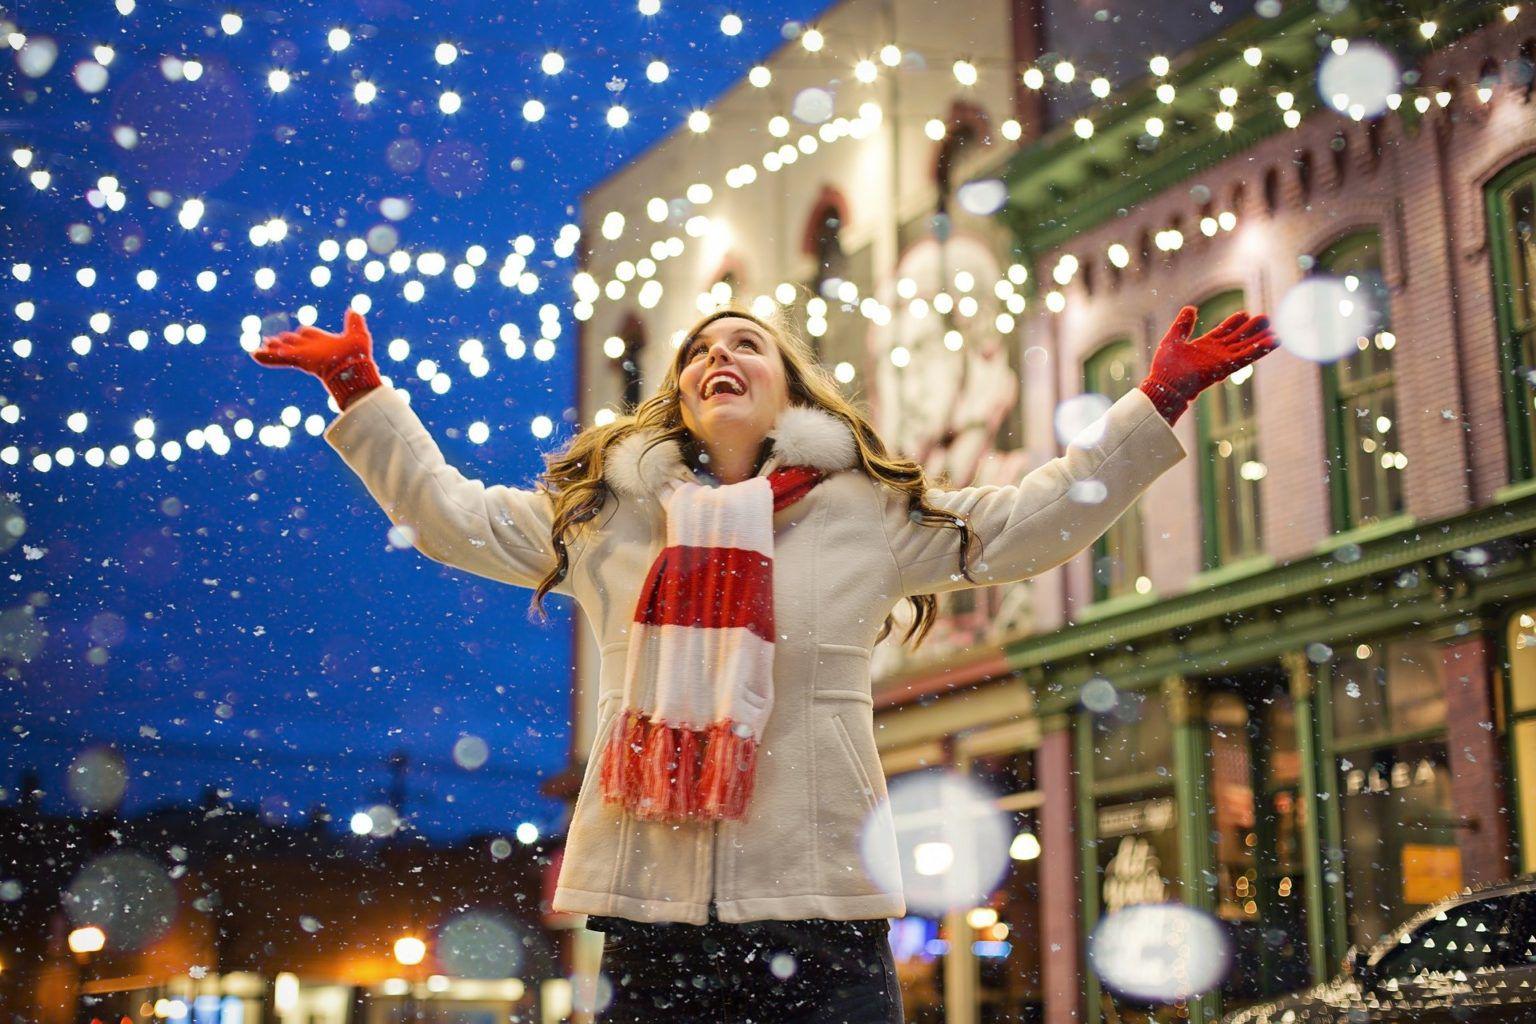 Девушка на ночной улице с новогодними огнями